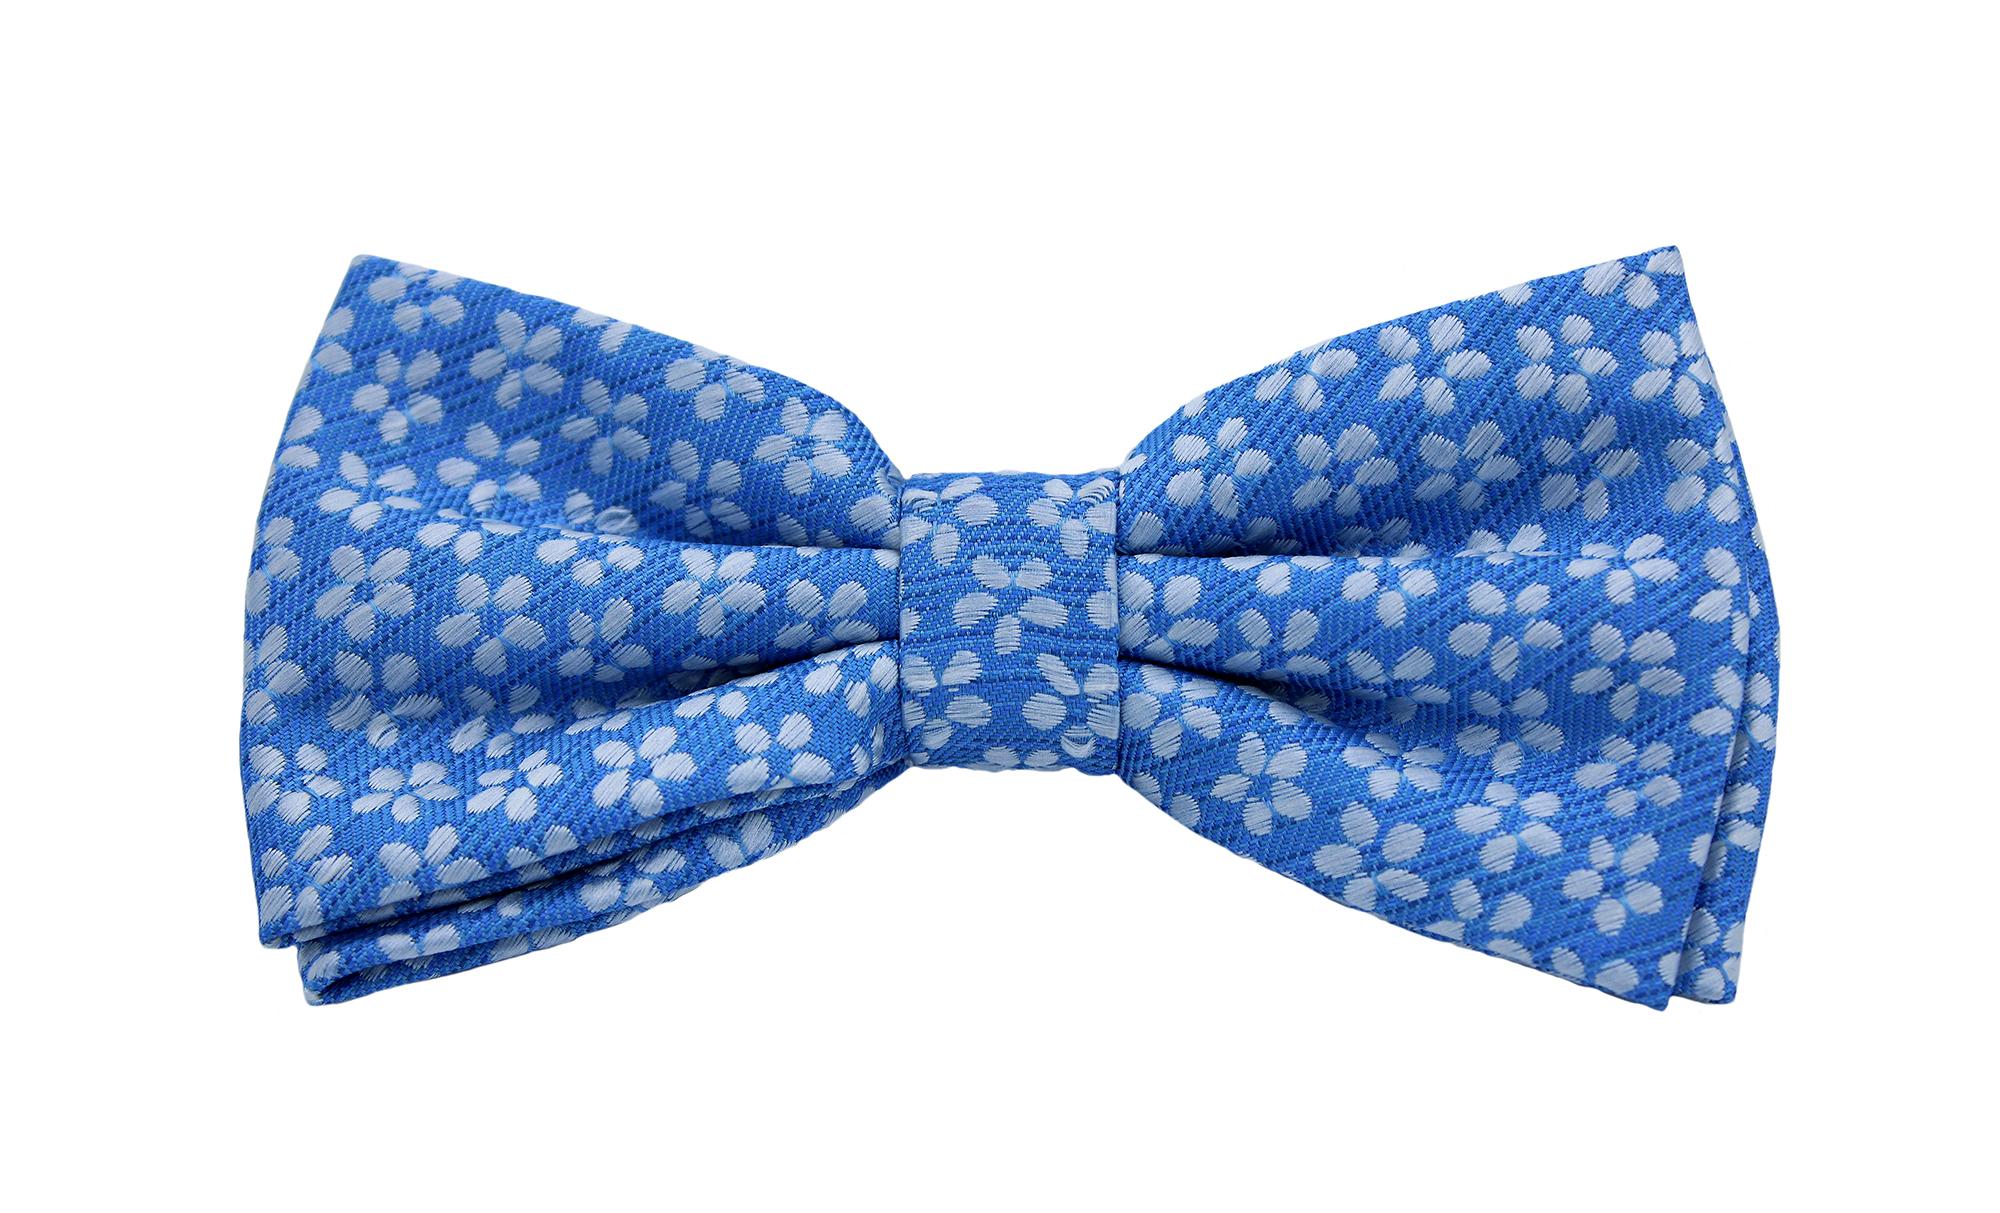 Pajarita azul celeste con motivo floral 23.11.20 - 29.11.20